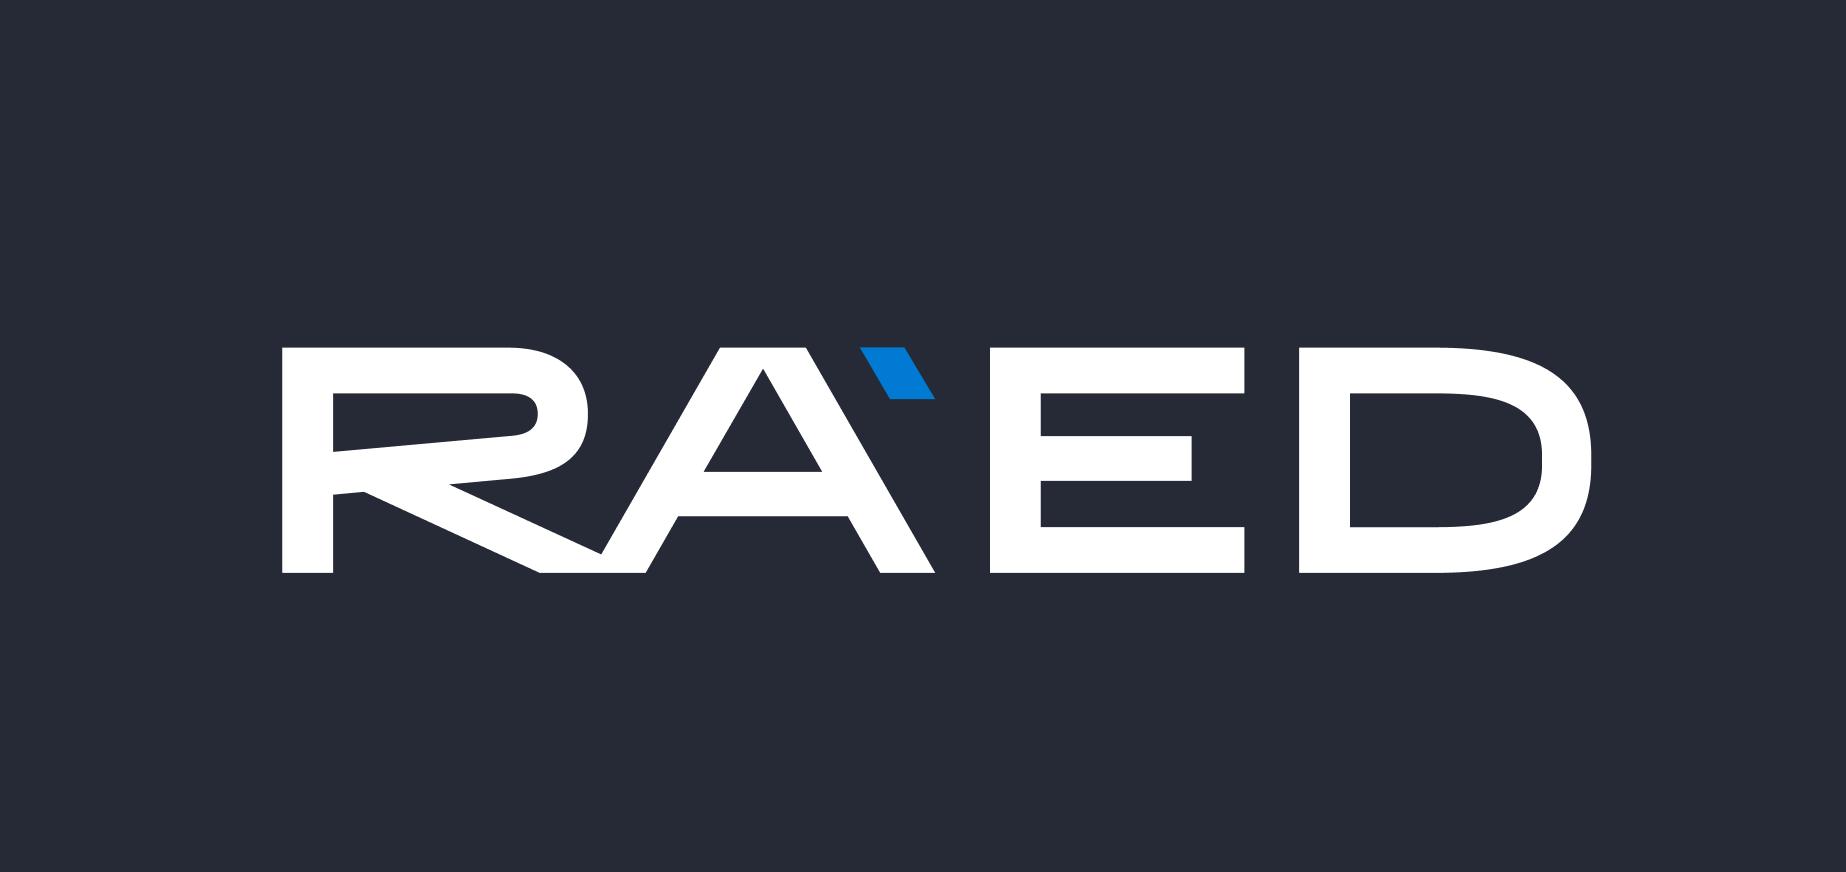 RAED Ventures Co Ltd